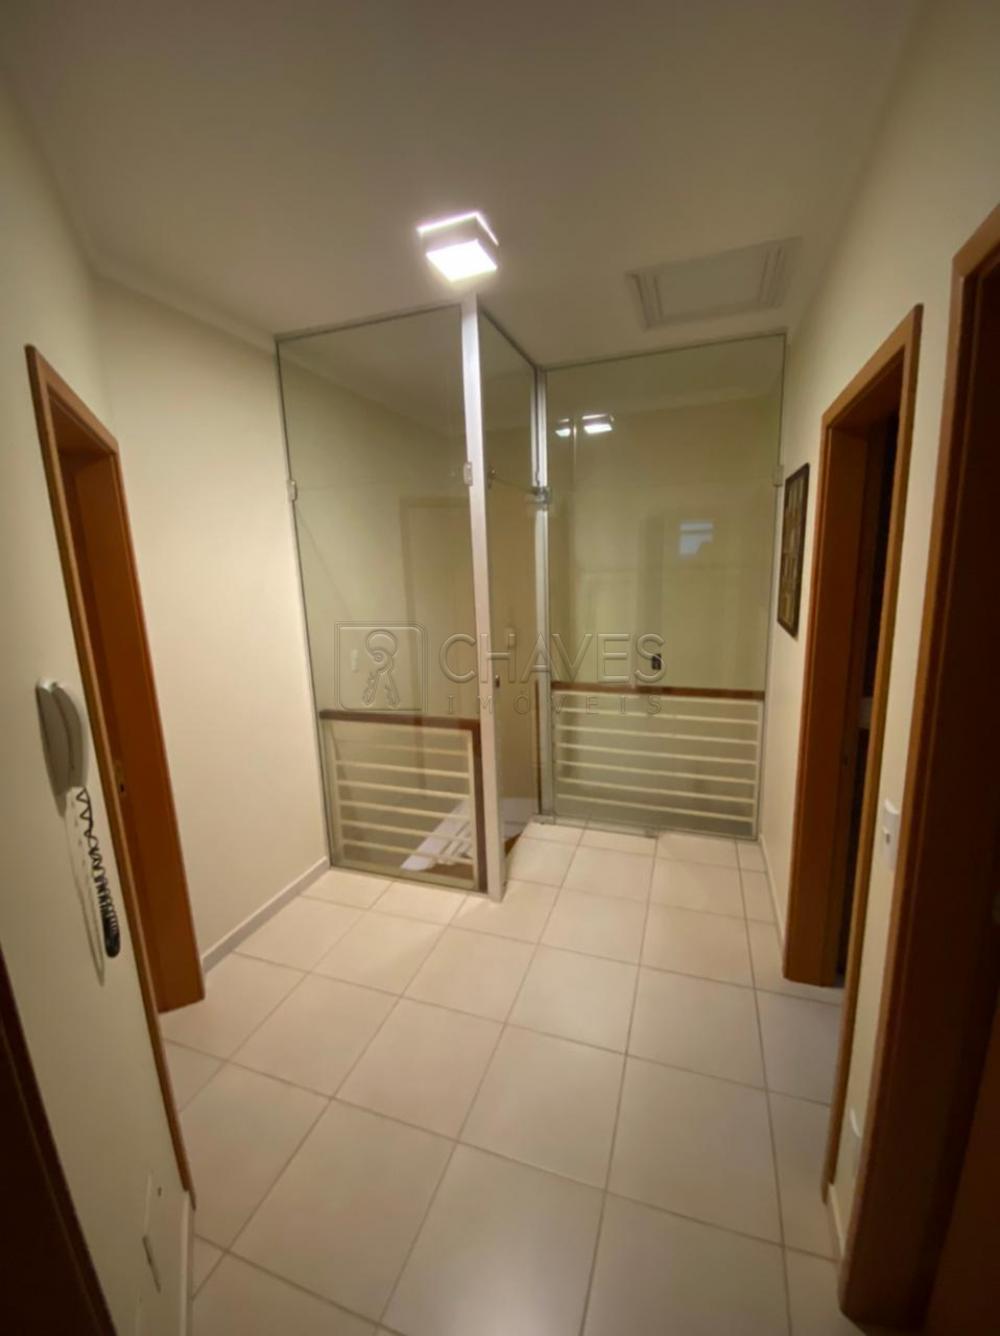 Comprar Casa / Condomínio em Ribeirão Preto apenas R$ 920.000,00 - Foto 13